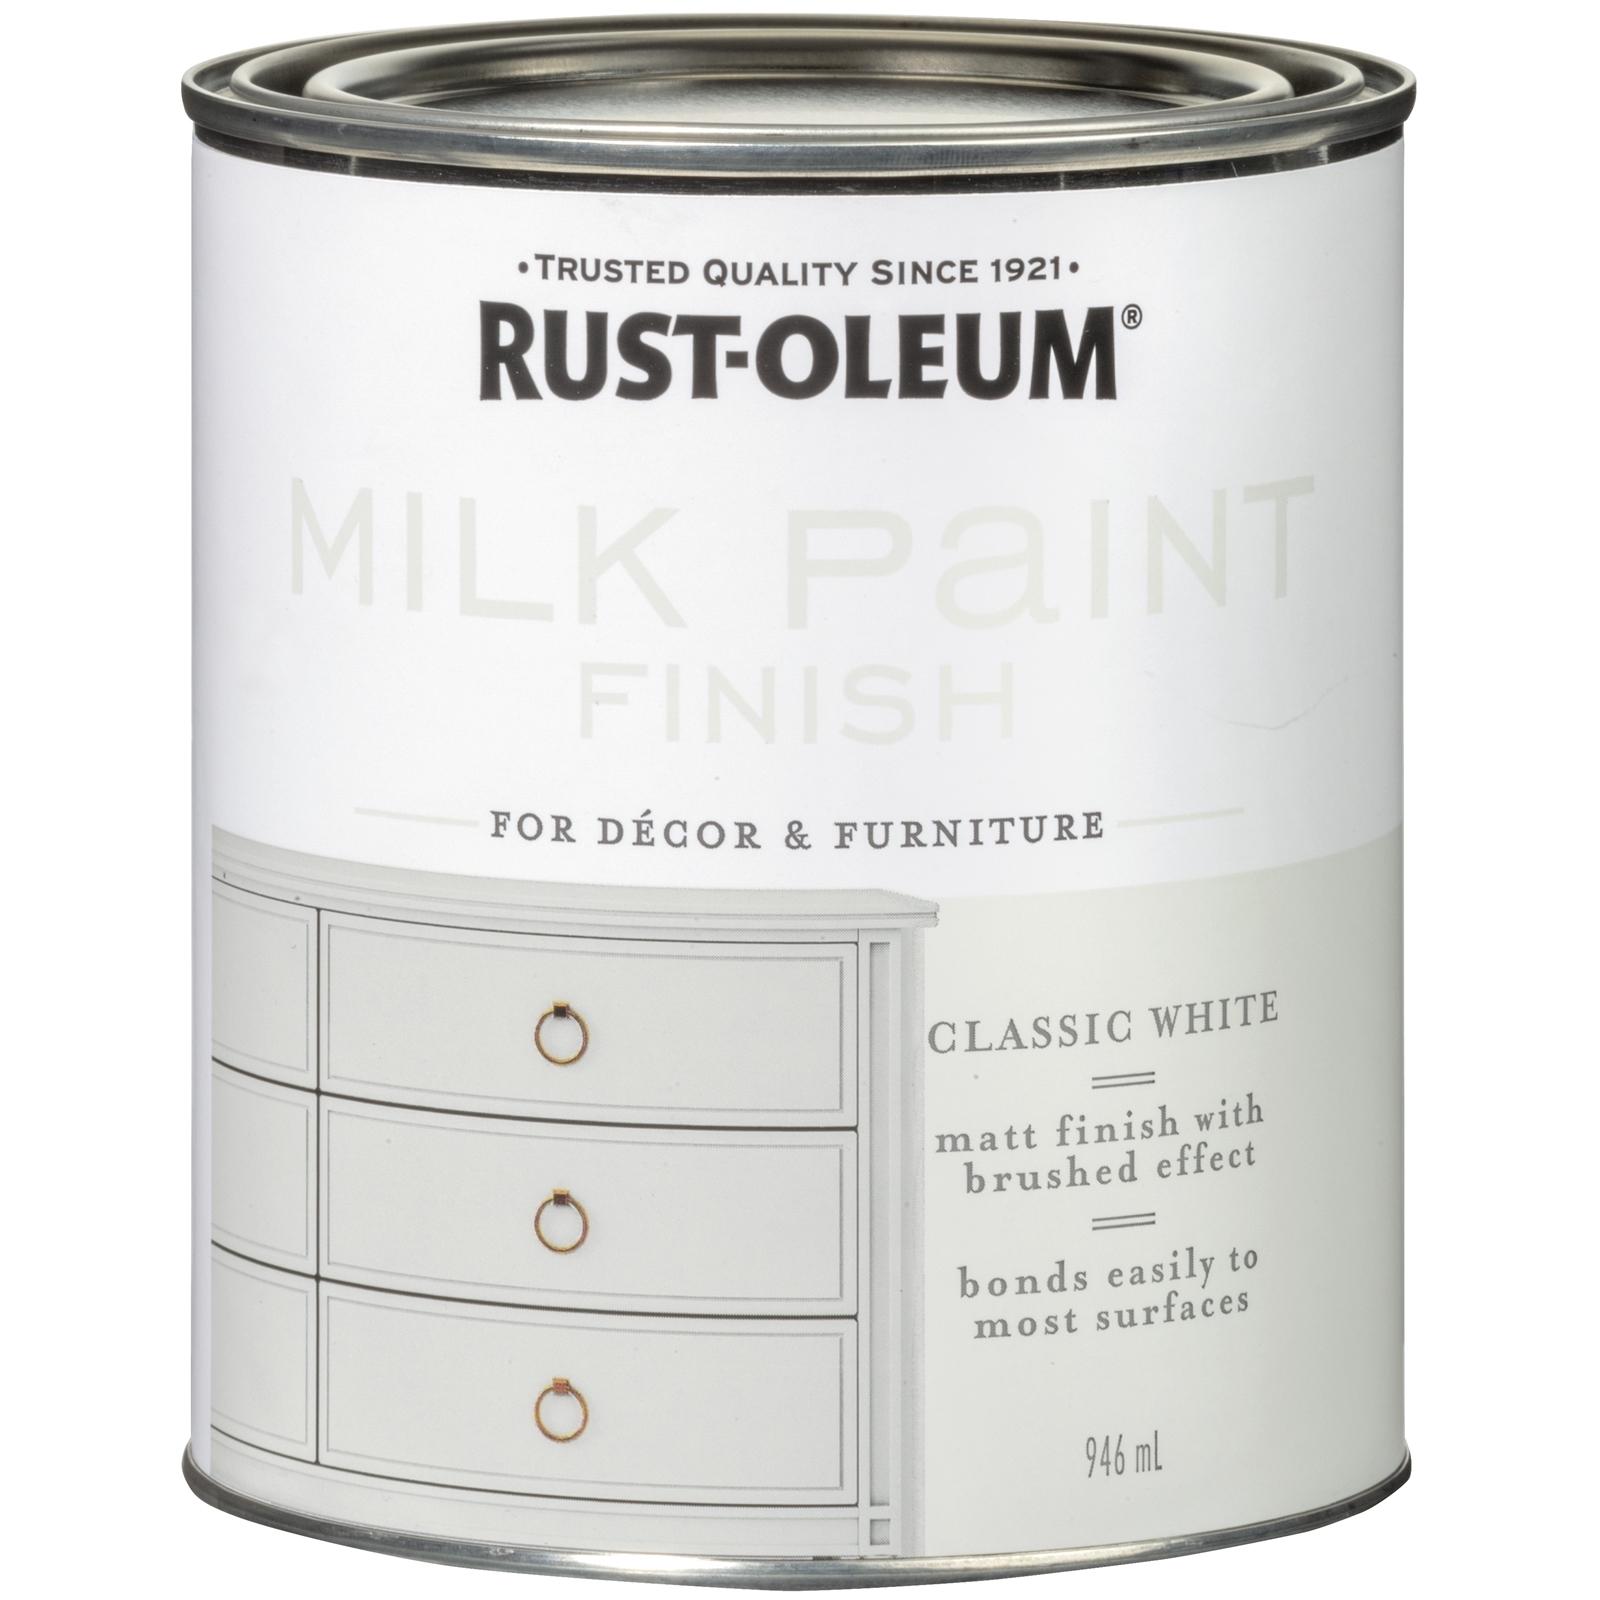 Rust-Oleum 946ml Milk Paint Finish